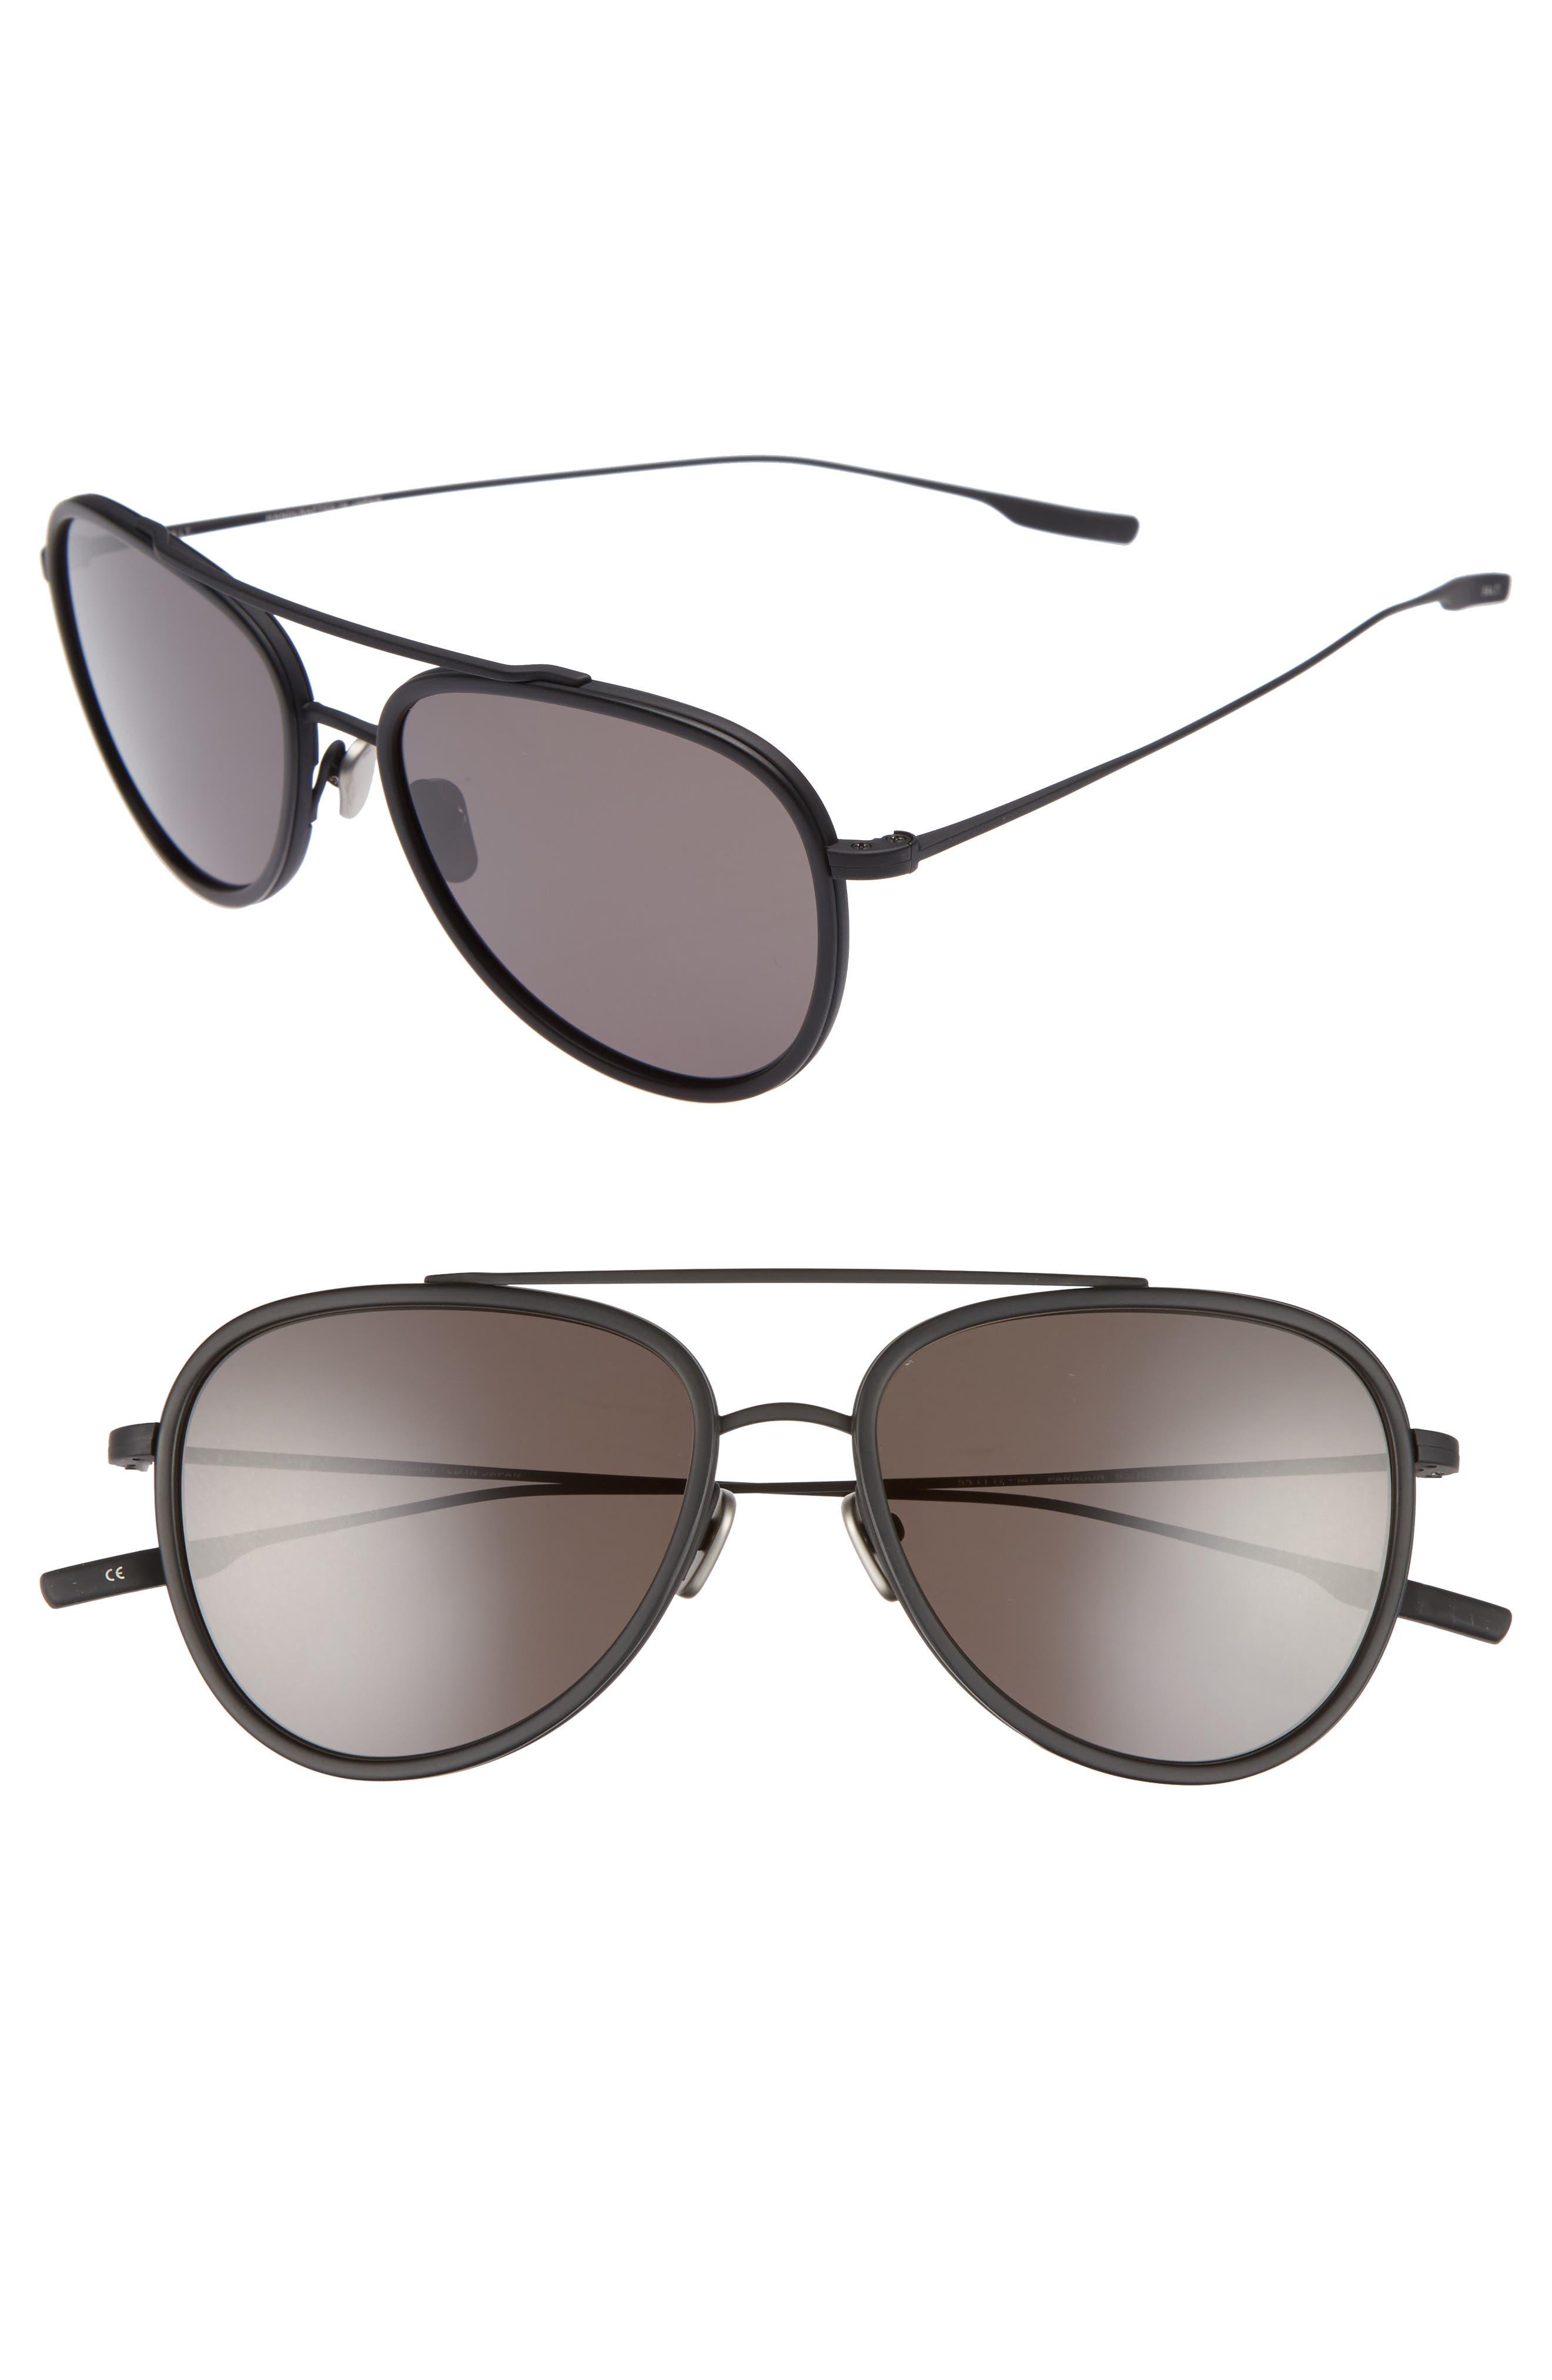 Paragon 55mm Polarized Aviator Sunglasses,                             Main thumbnail 1, color,                             Black Sand/ Matte Black